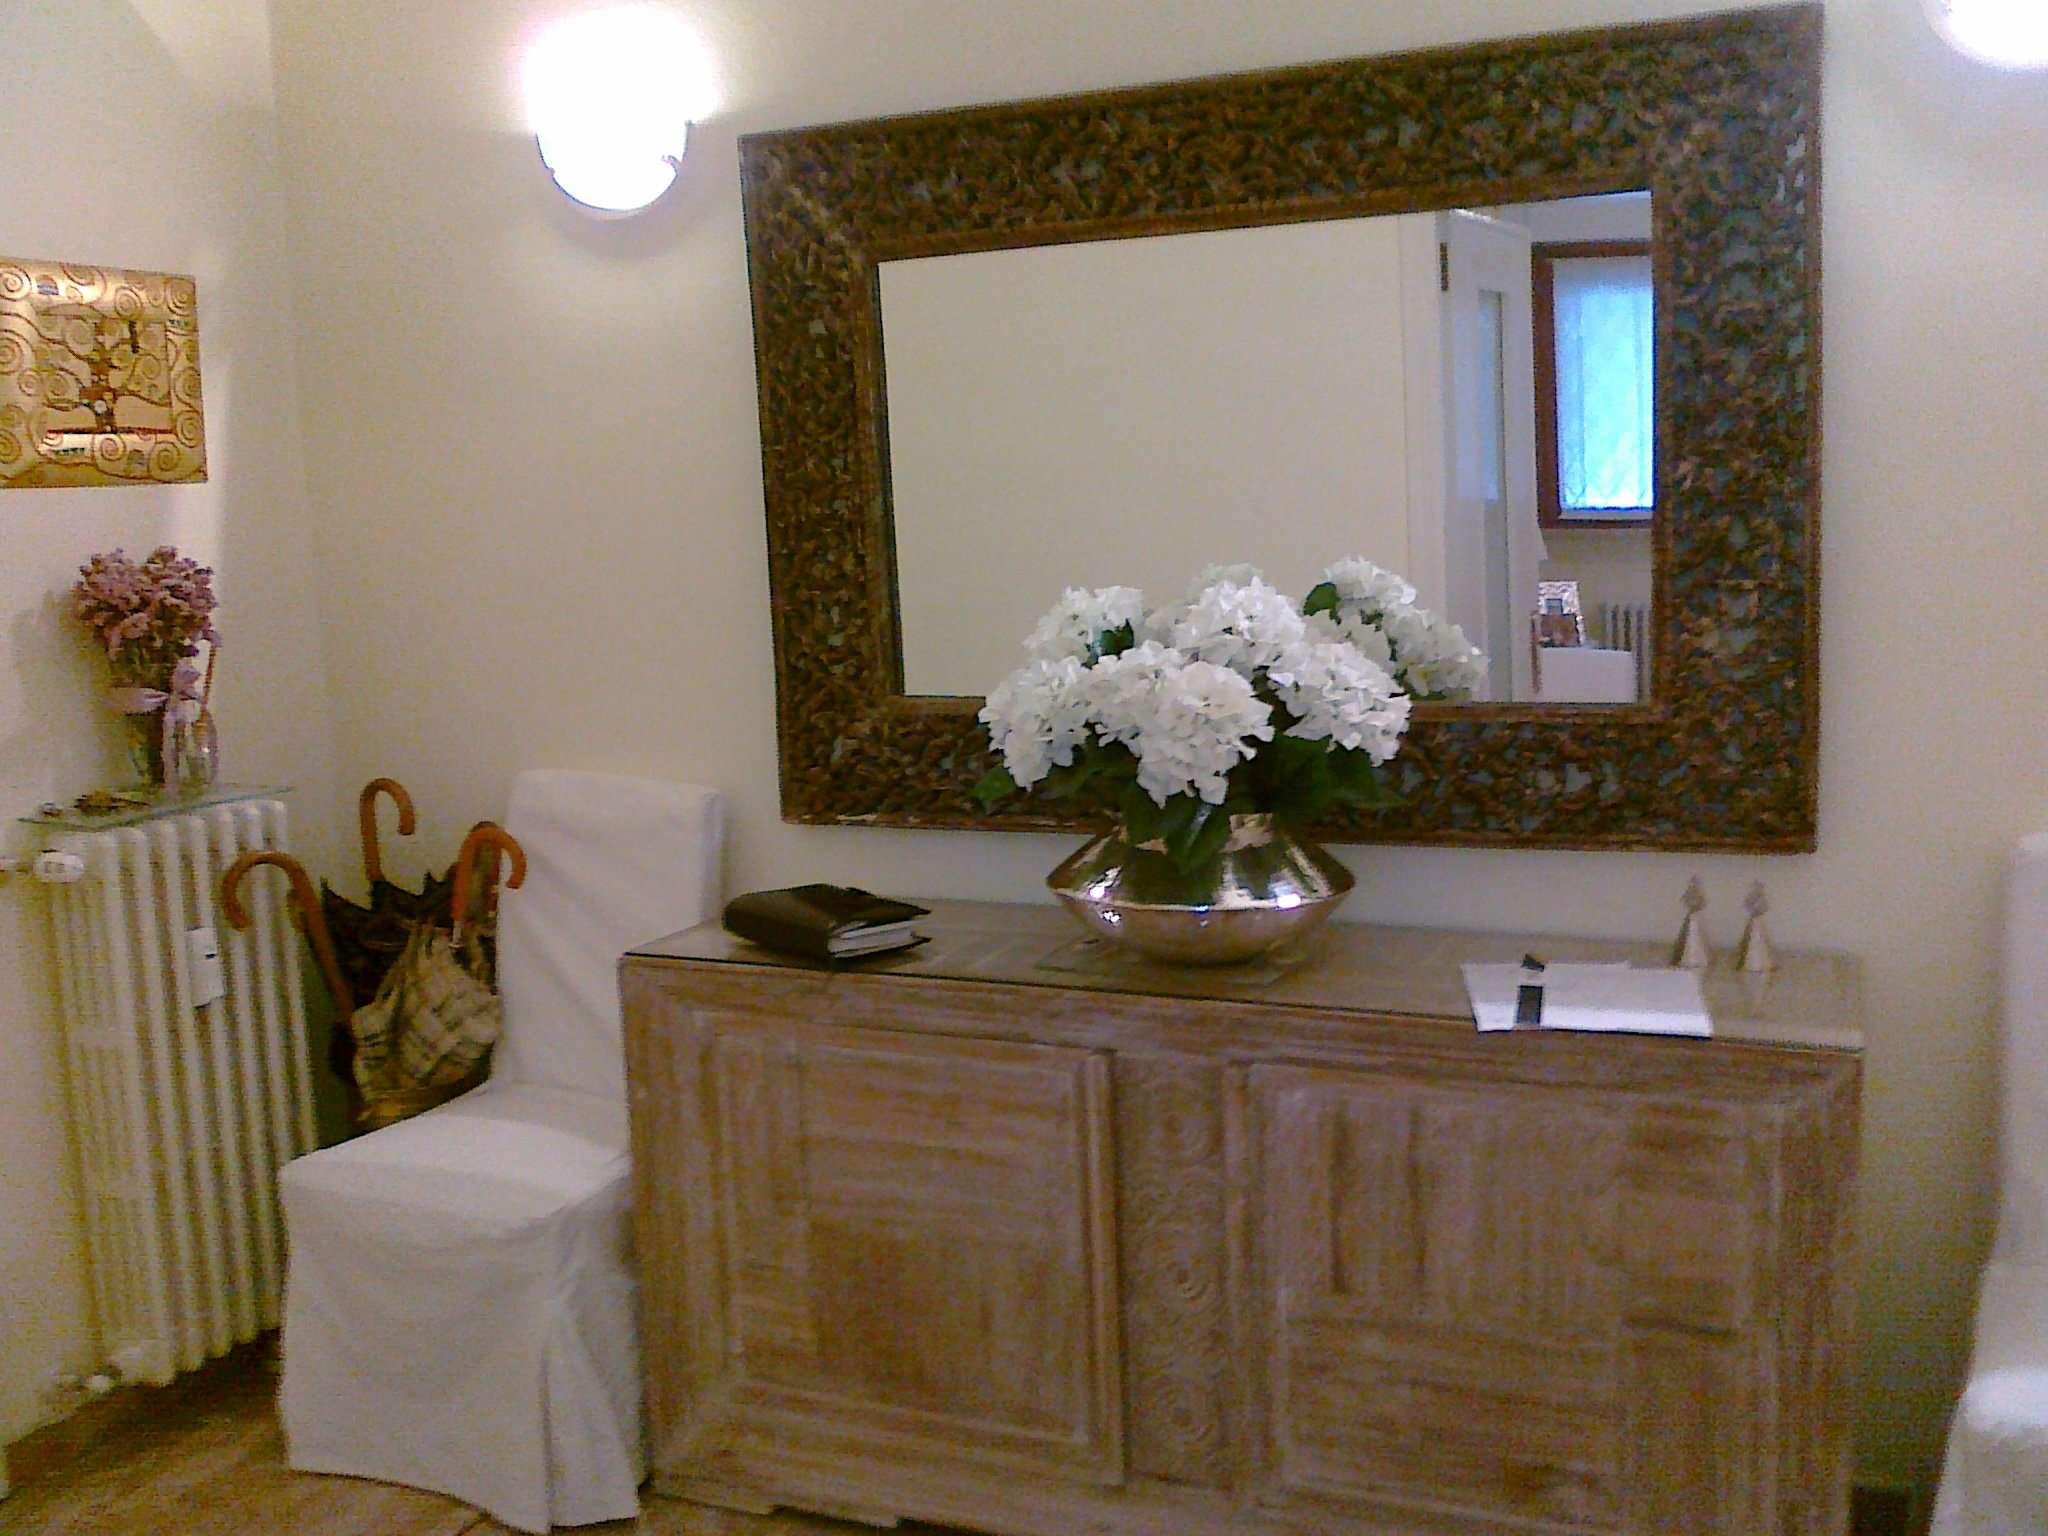 Appartamento in vendita a Milano, 3 locali, zona Zona: 14 . Lotto, Novara, San Siro, QT8 , Montestella, Rembrandt, prezzo € 320.000 | CambioCasa.it